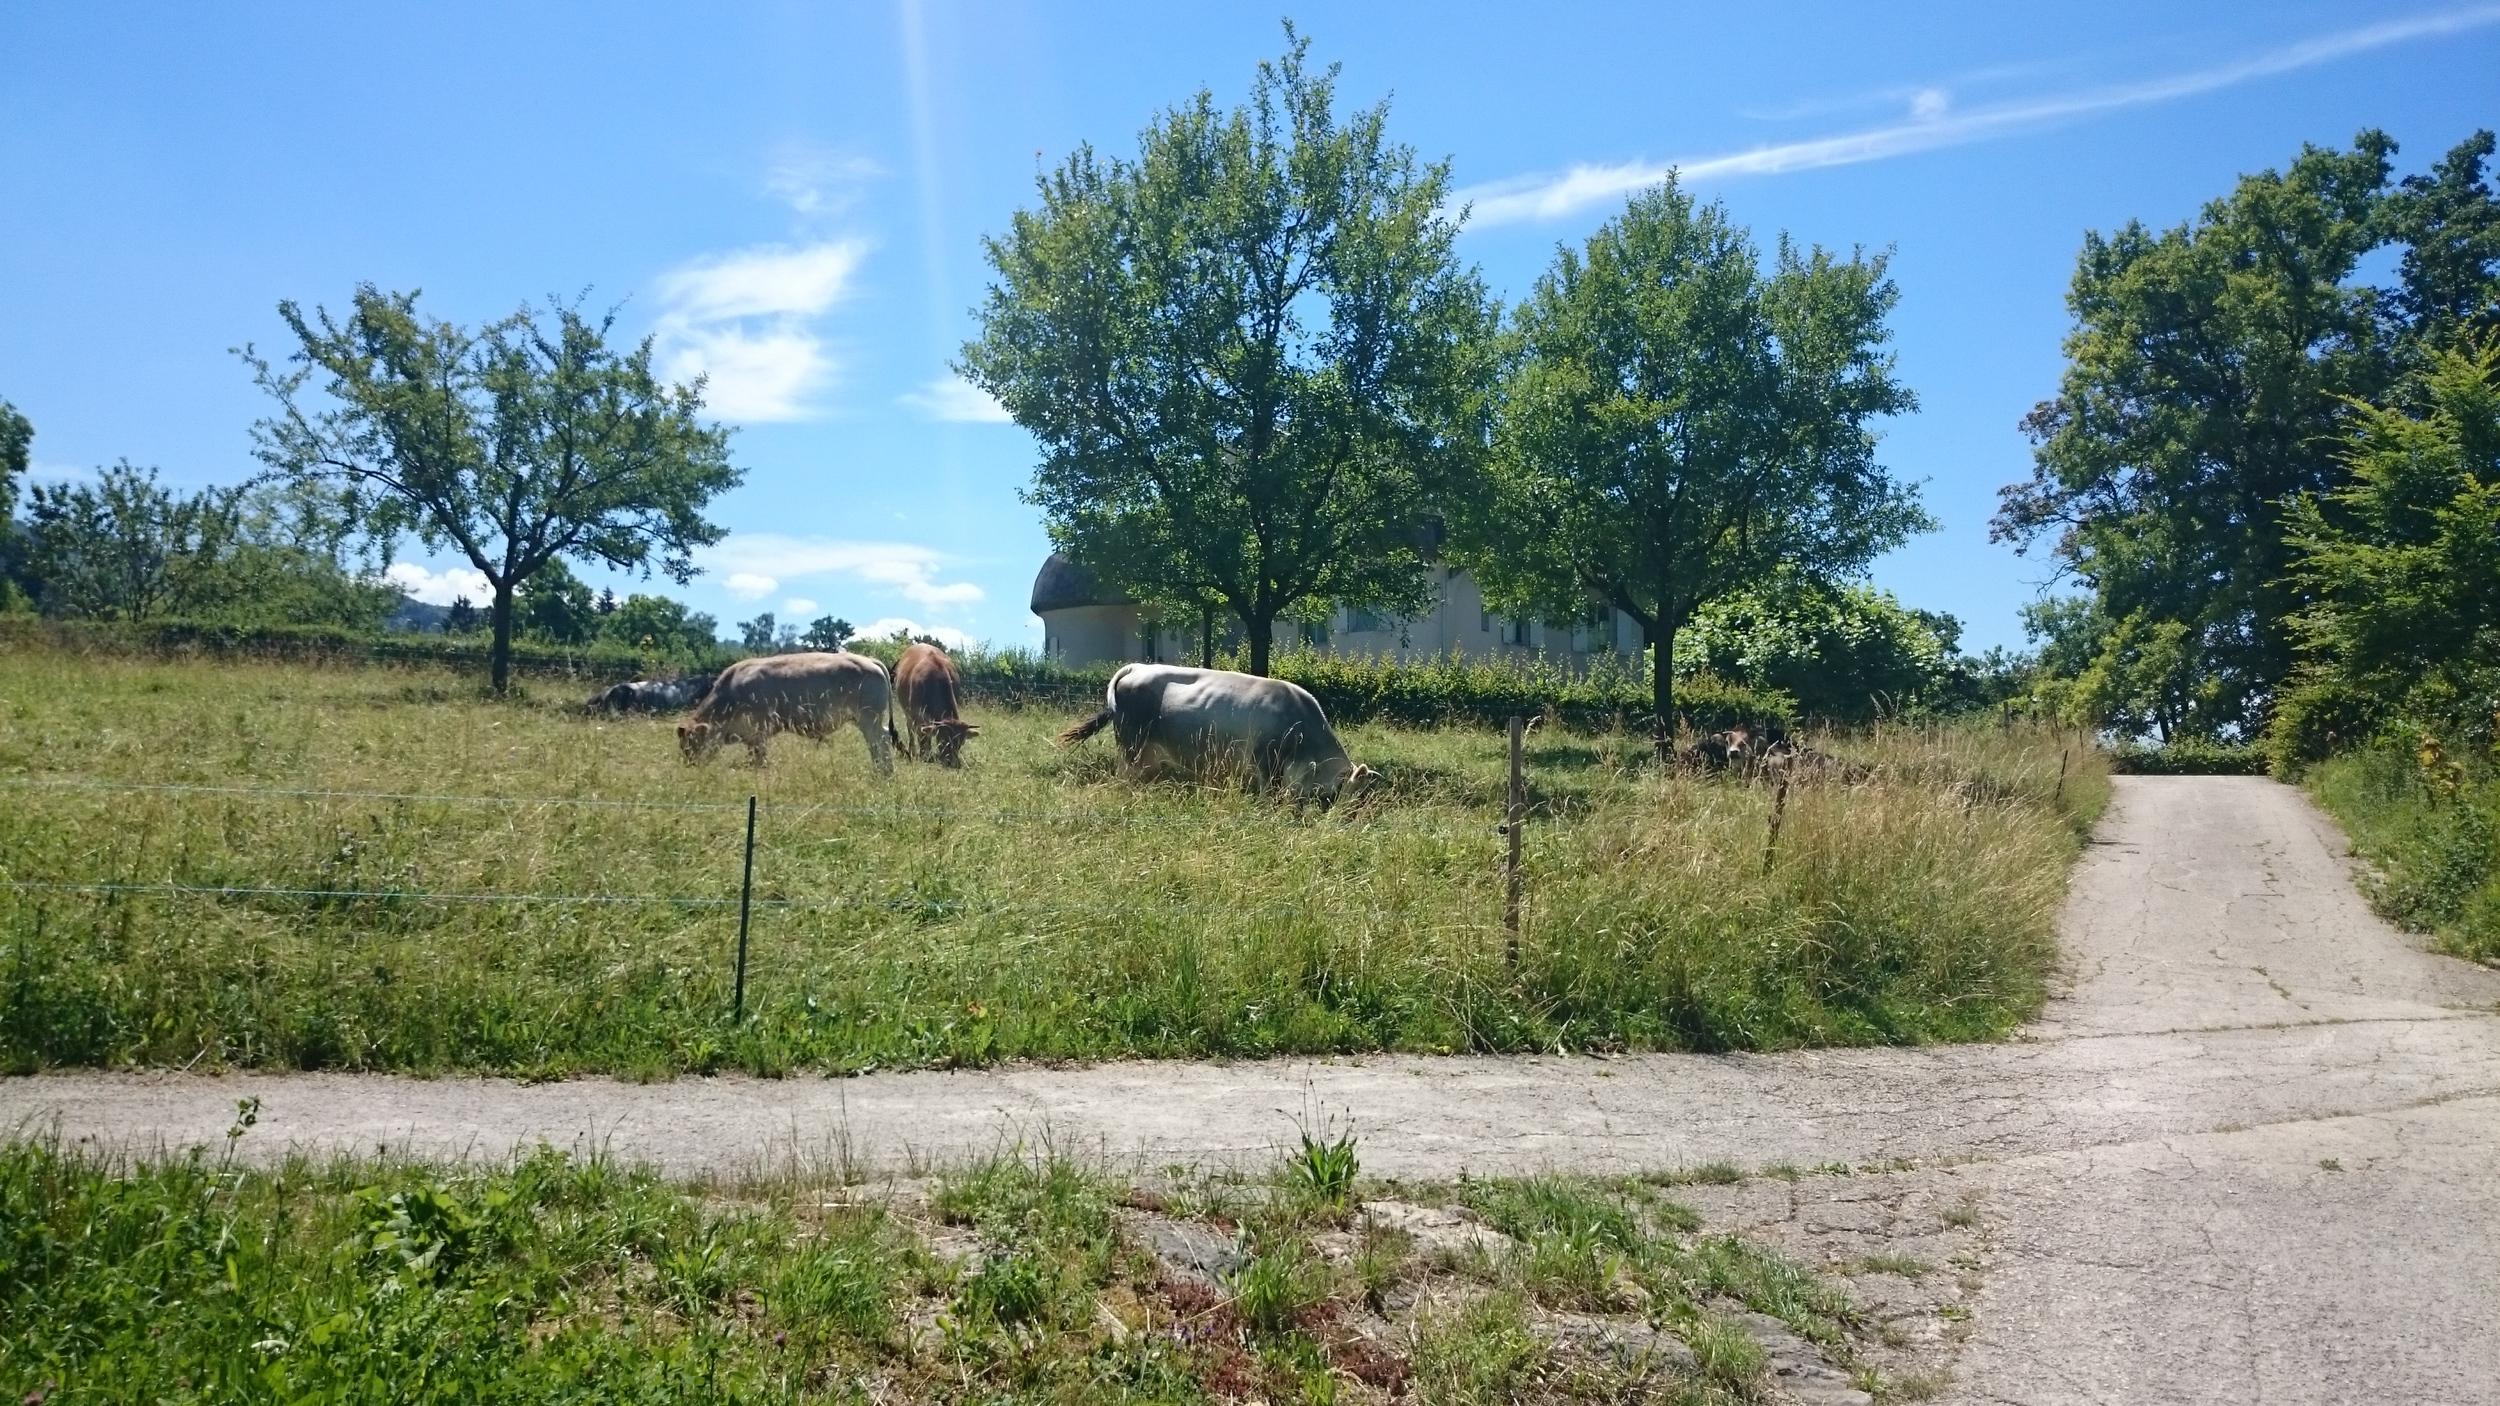 cattle right beside the sidewalk